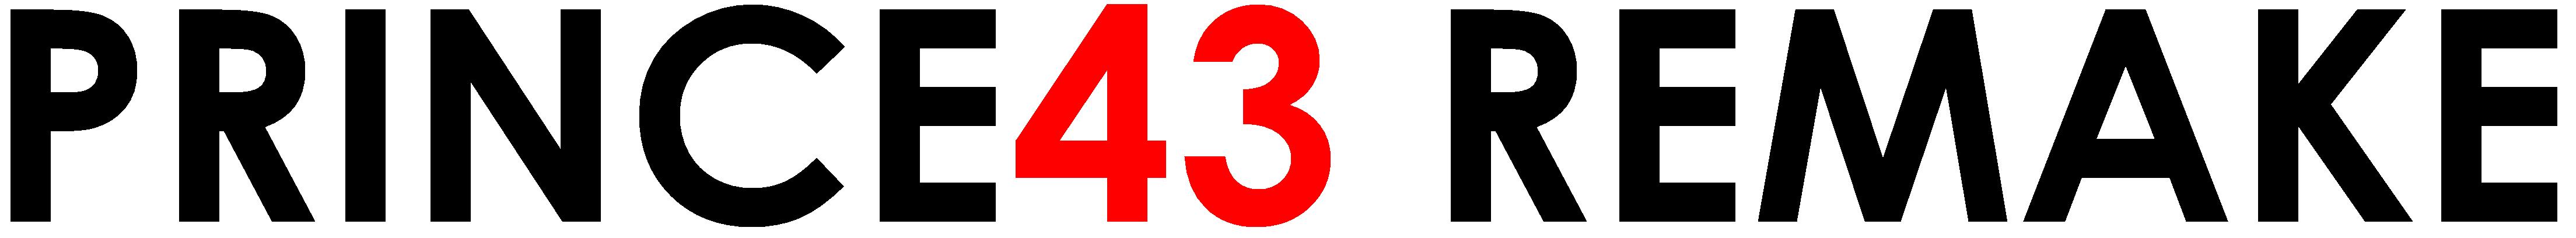 Prince43 Remake (Programming block)